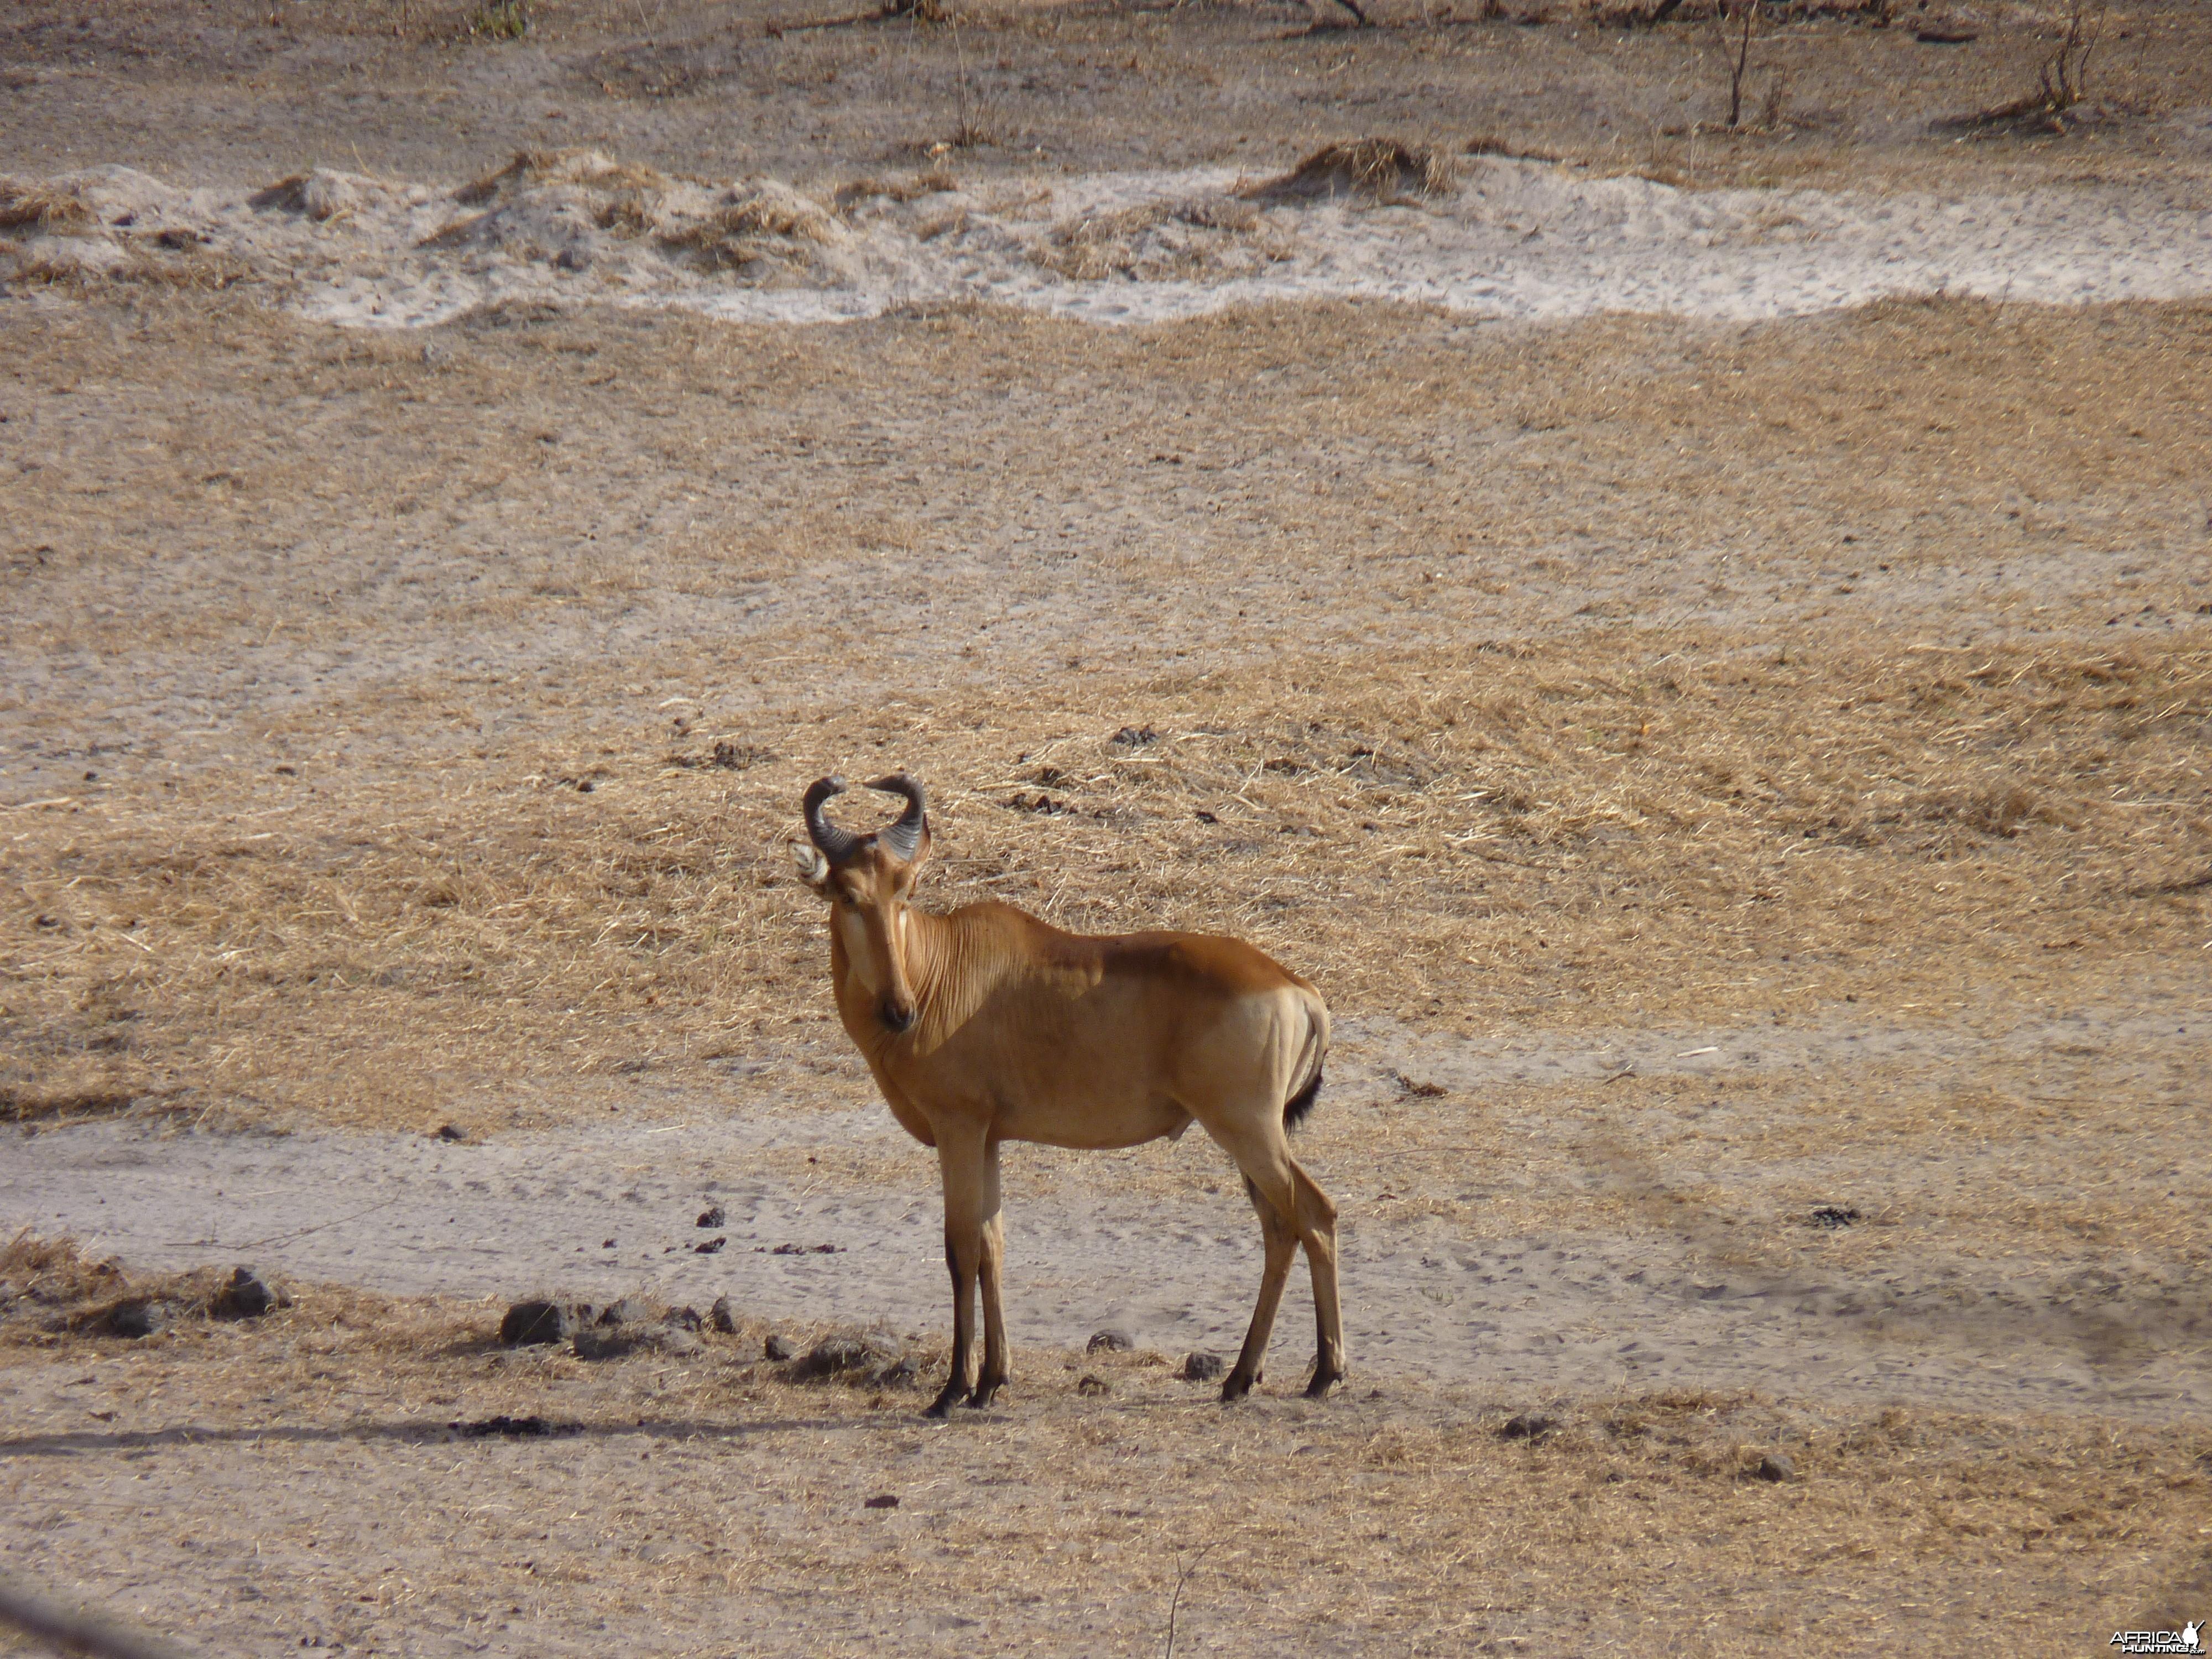 Hunting Hartebeest in Tanzania